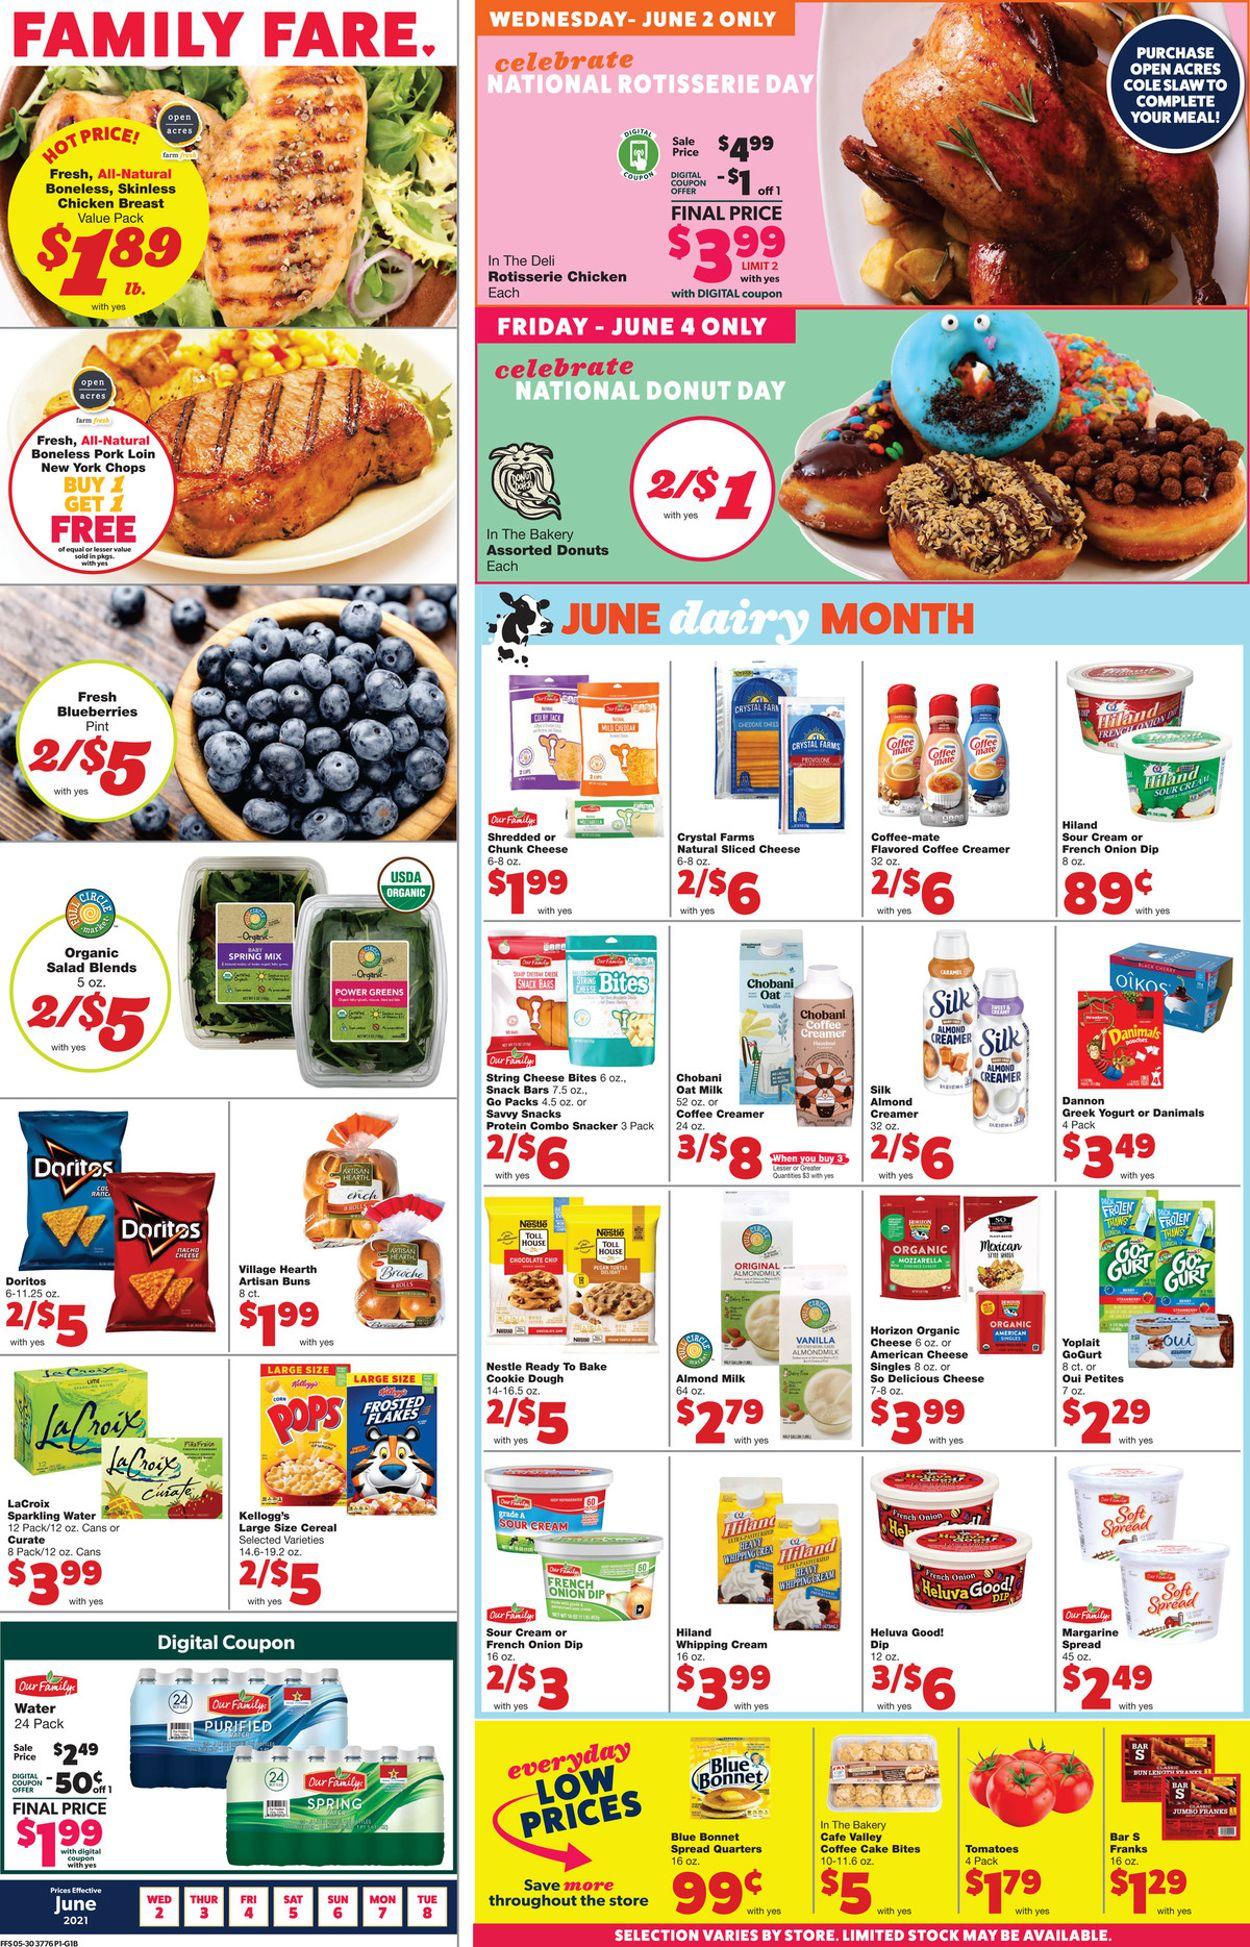 Family Fare Weekly Ad Circular - valid 06/02-06/08/2021